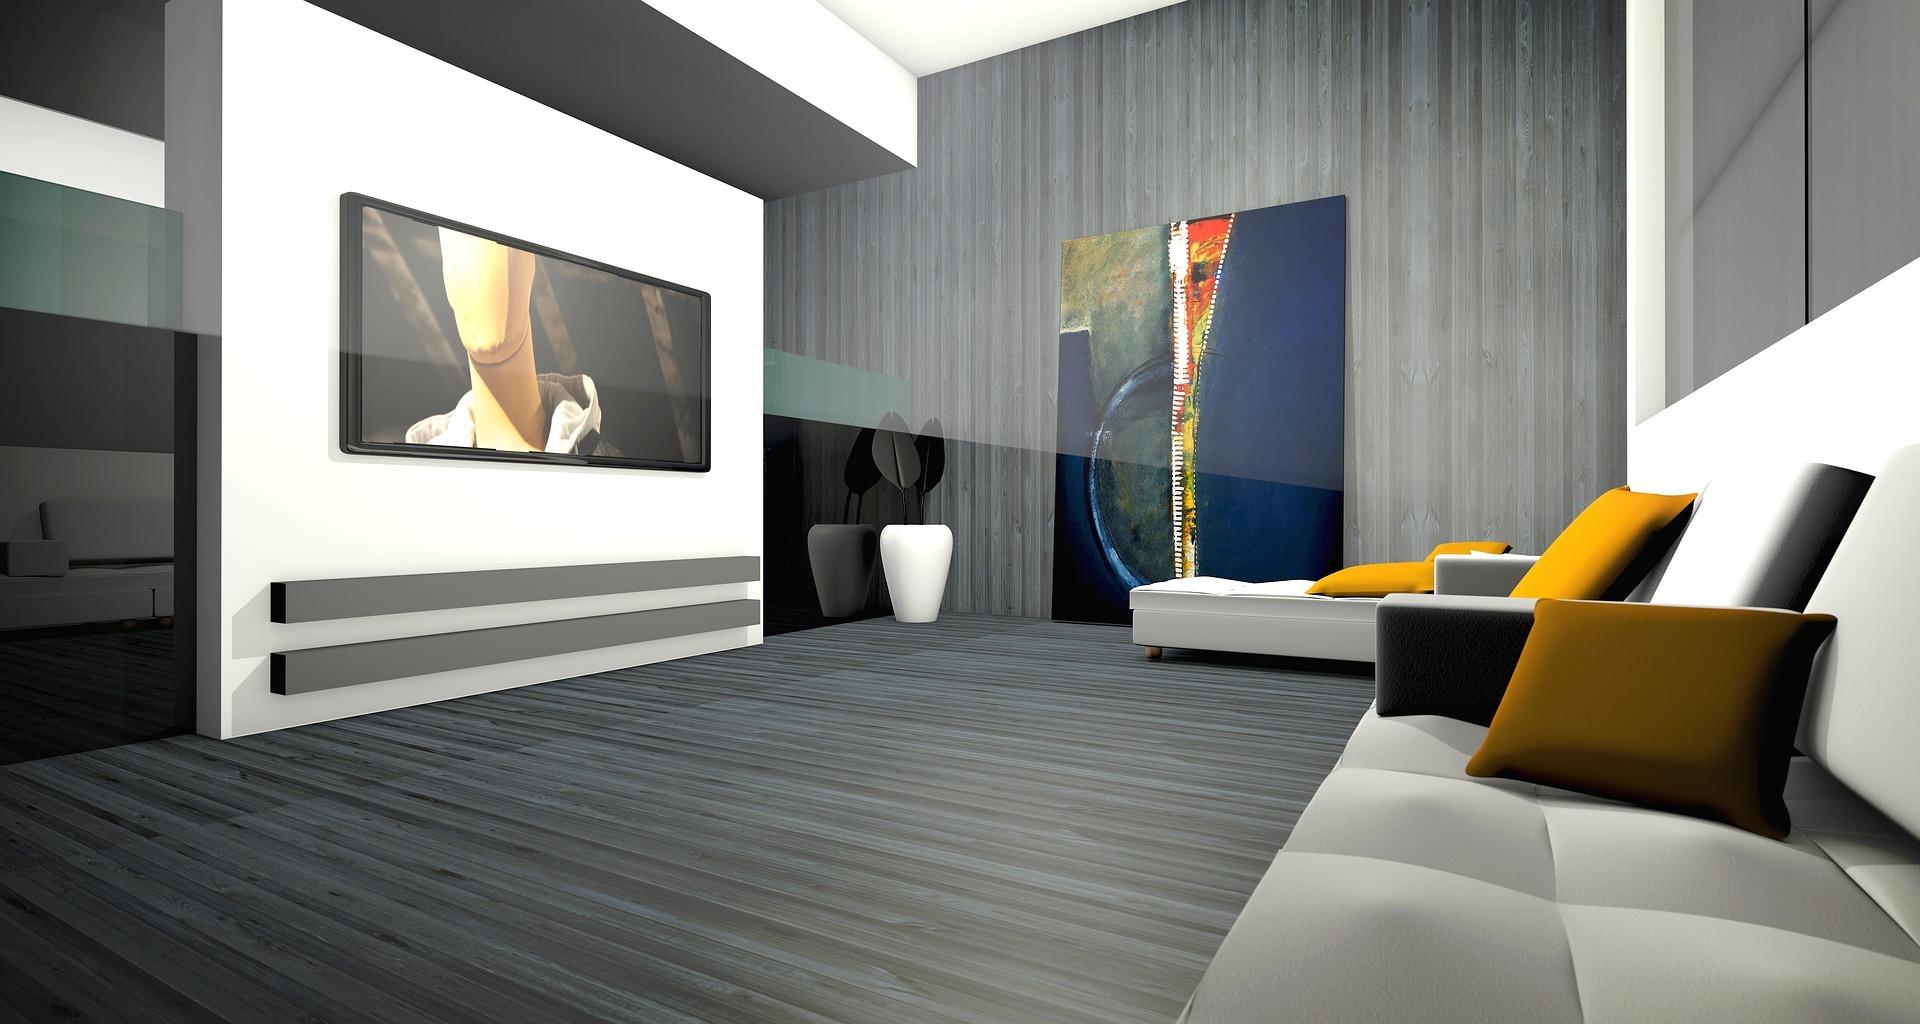 Traumdeutung - Eine neue Wohnung einrichten auf meinegeschichten.de